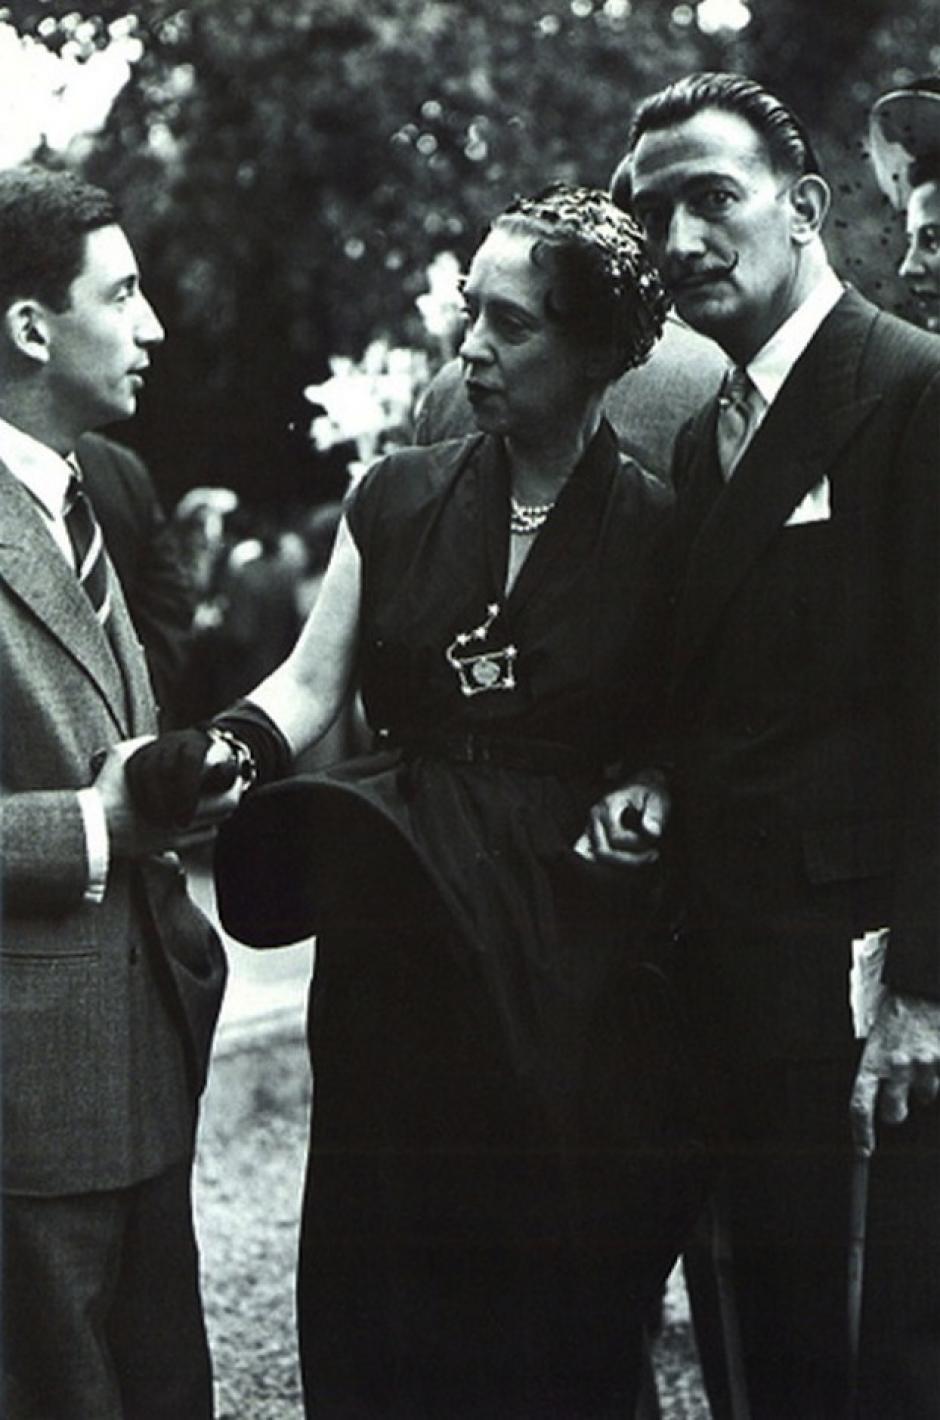 Elsa Schiaparelli mantenía una estrecha relación con el artista surrealista Salvador Dalí. (Foto: thecoincidentdandy)